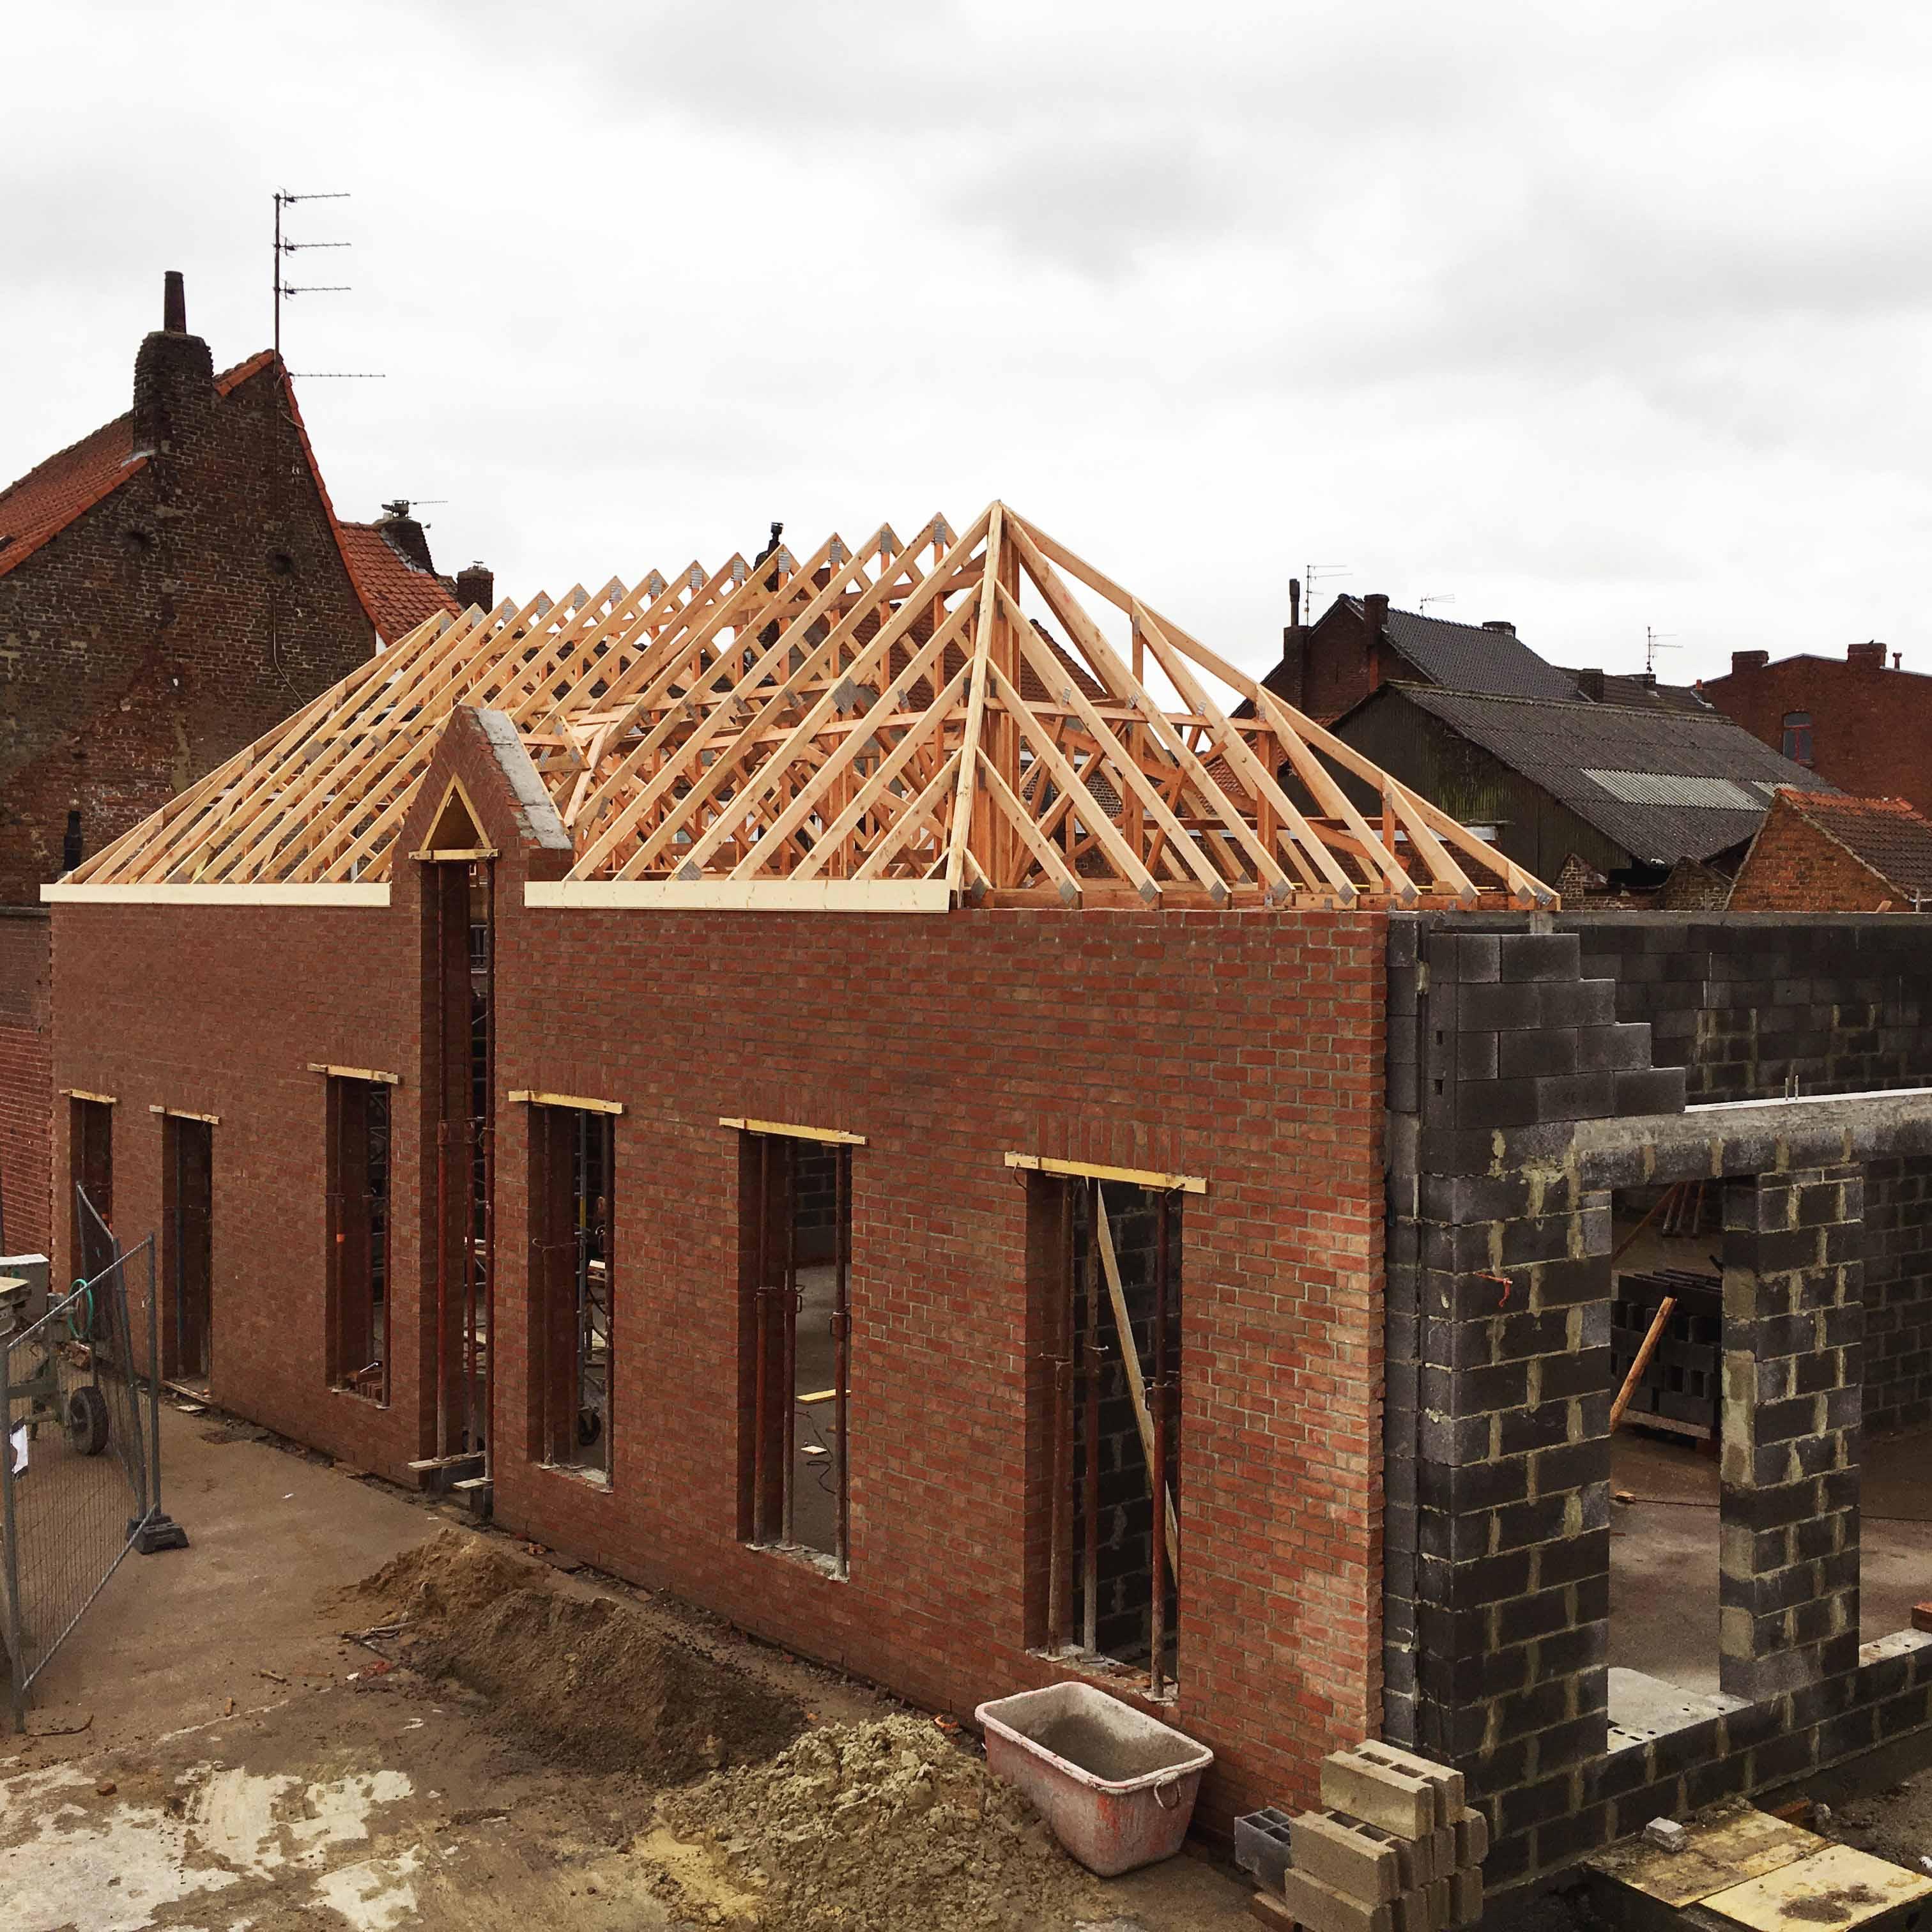 Charpente Industrielle Werwicq Sud Ecole Saint Joseph - Charpentier des Flandres